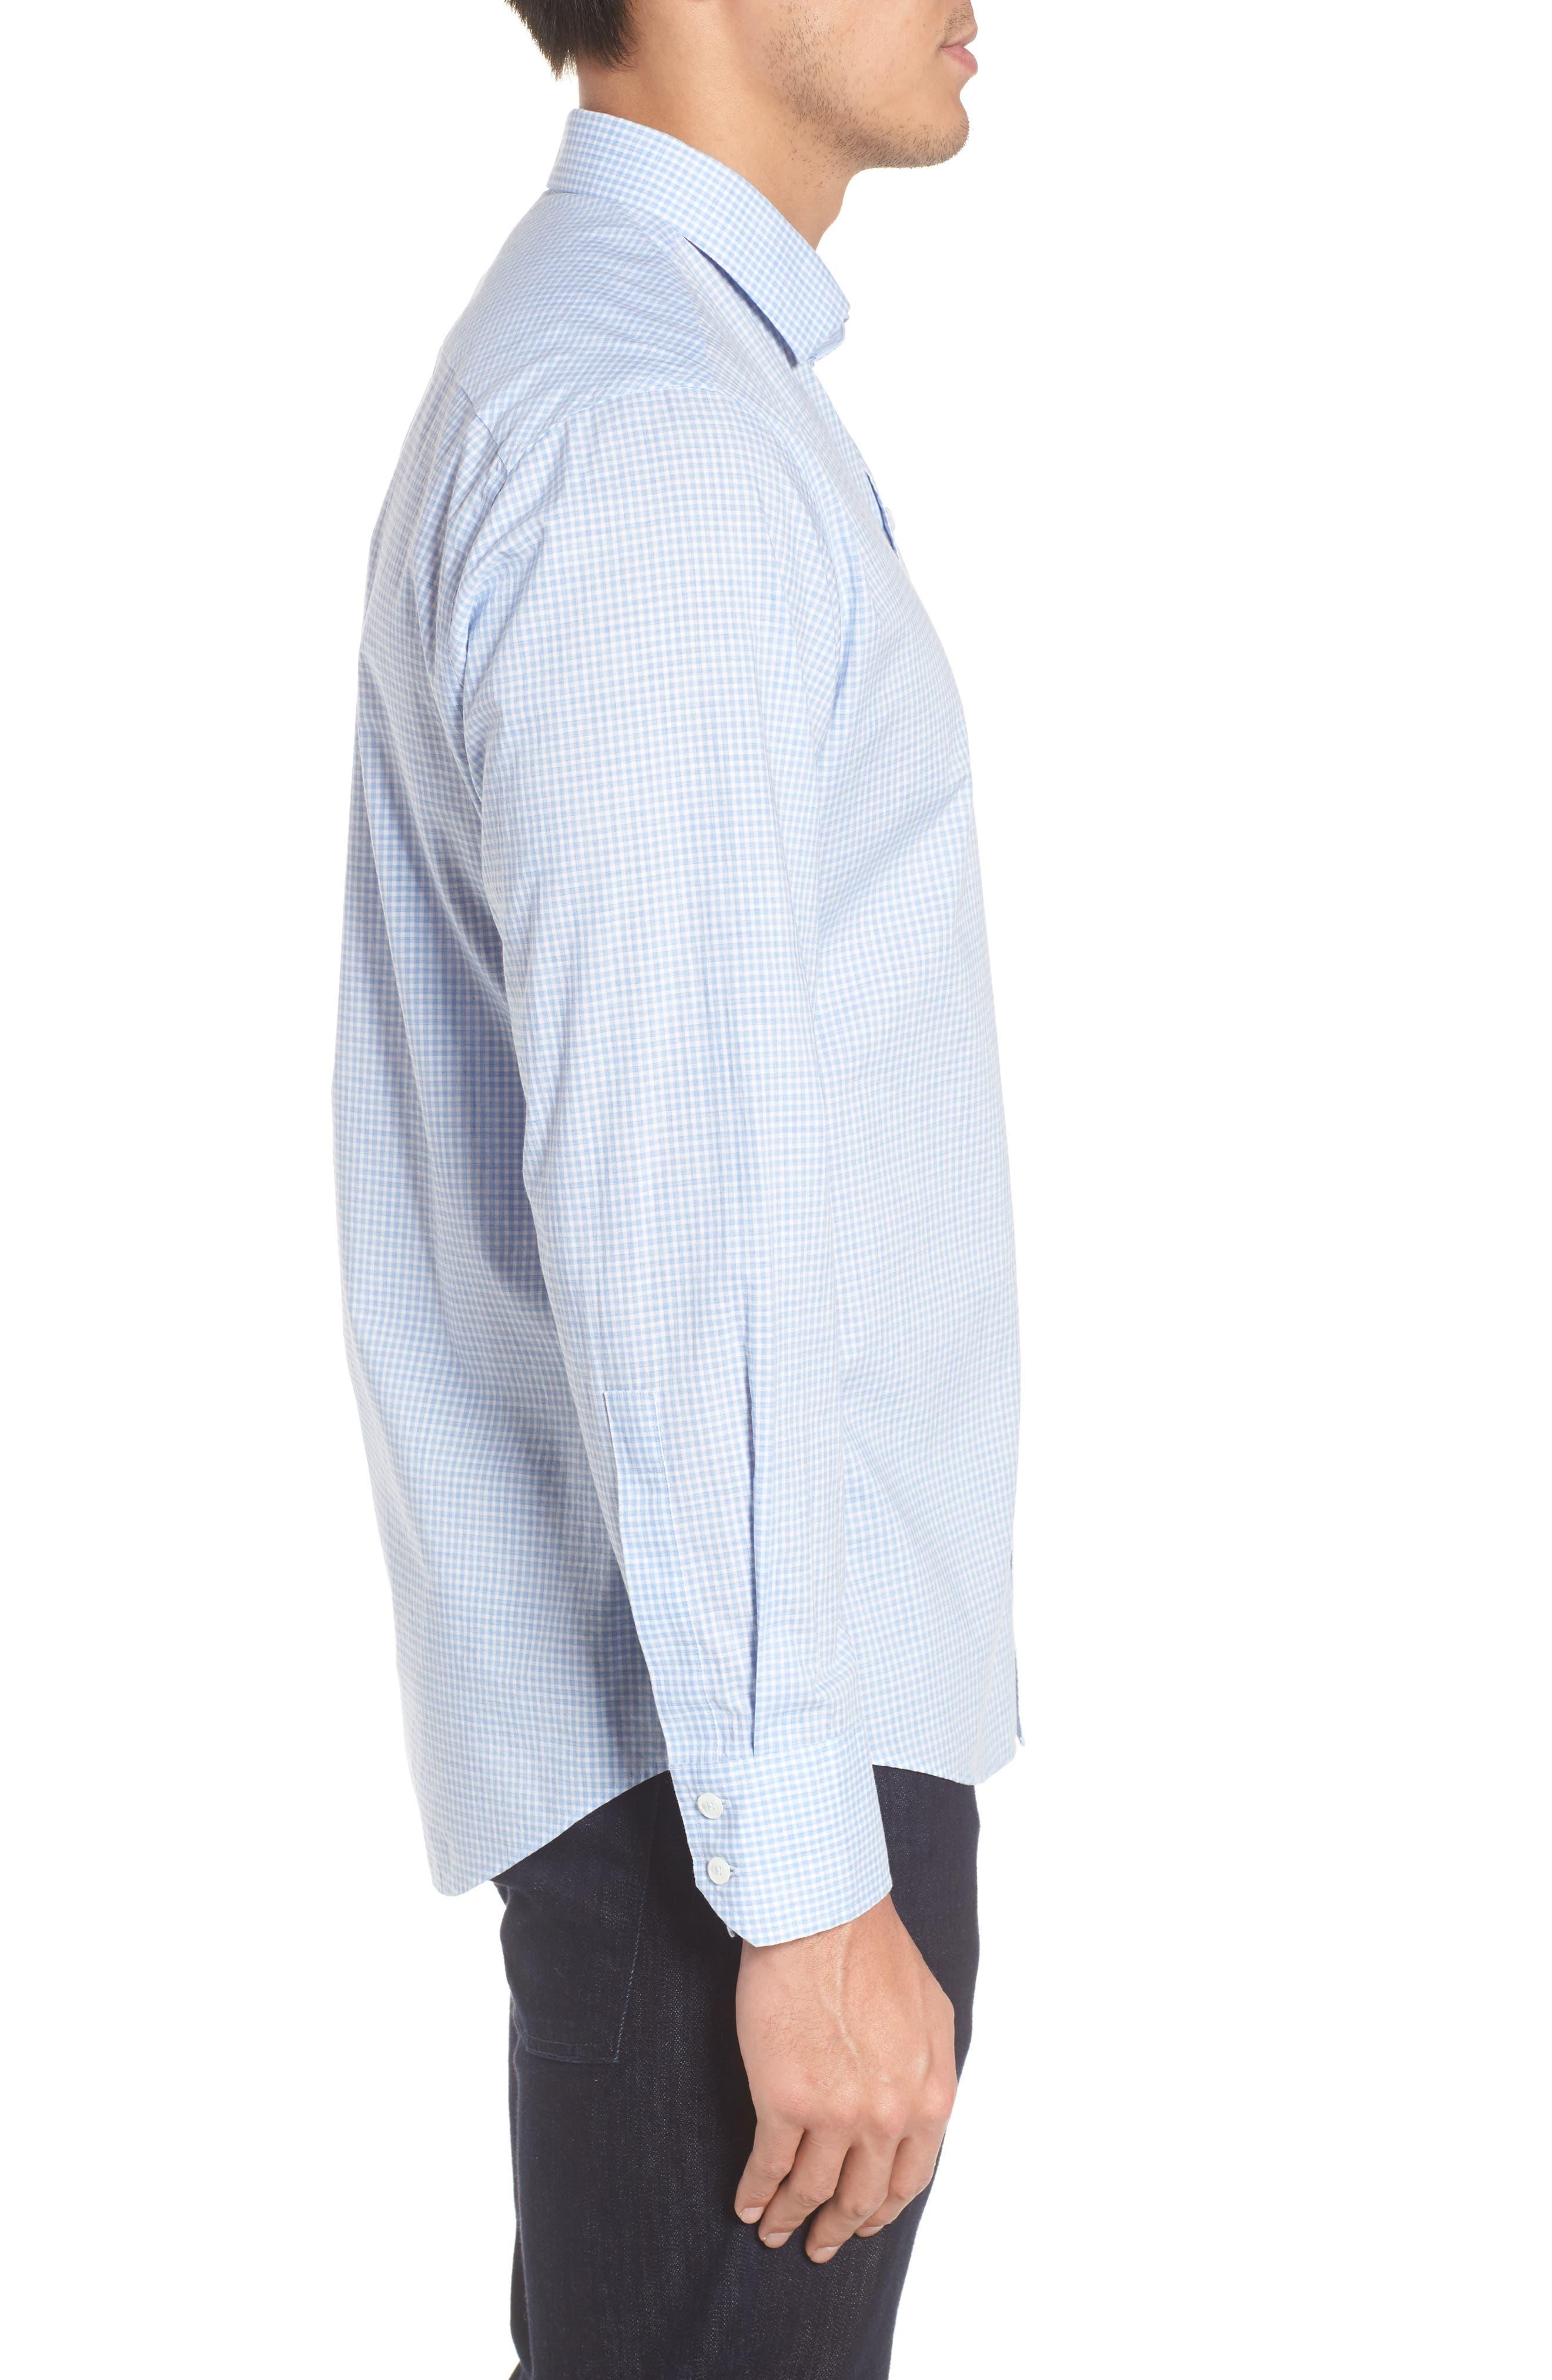 McGarry Gingham Sport Shirt,                             Alternate thumbnail 3, color,                             Light Blue